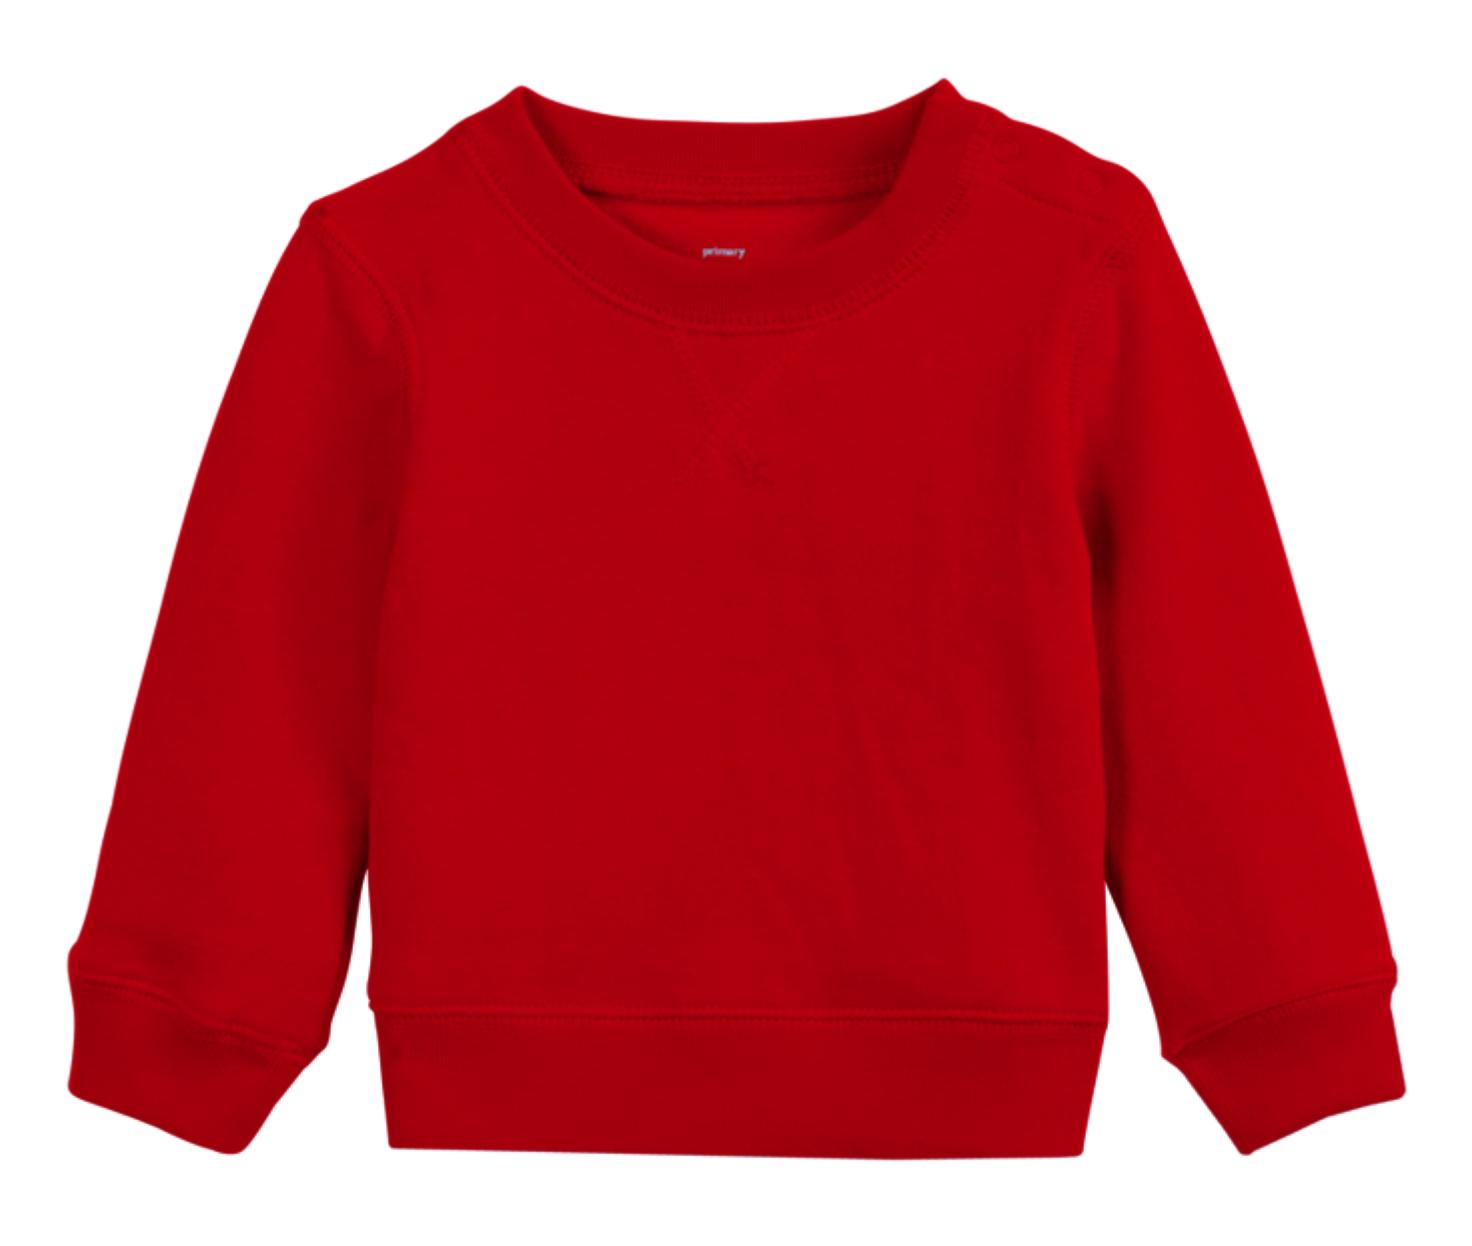 635099f04 Primary's the baby cozy sweatshirt